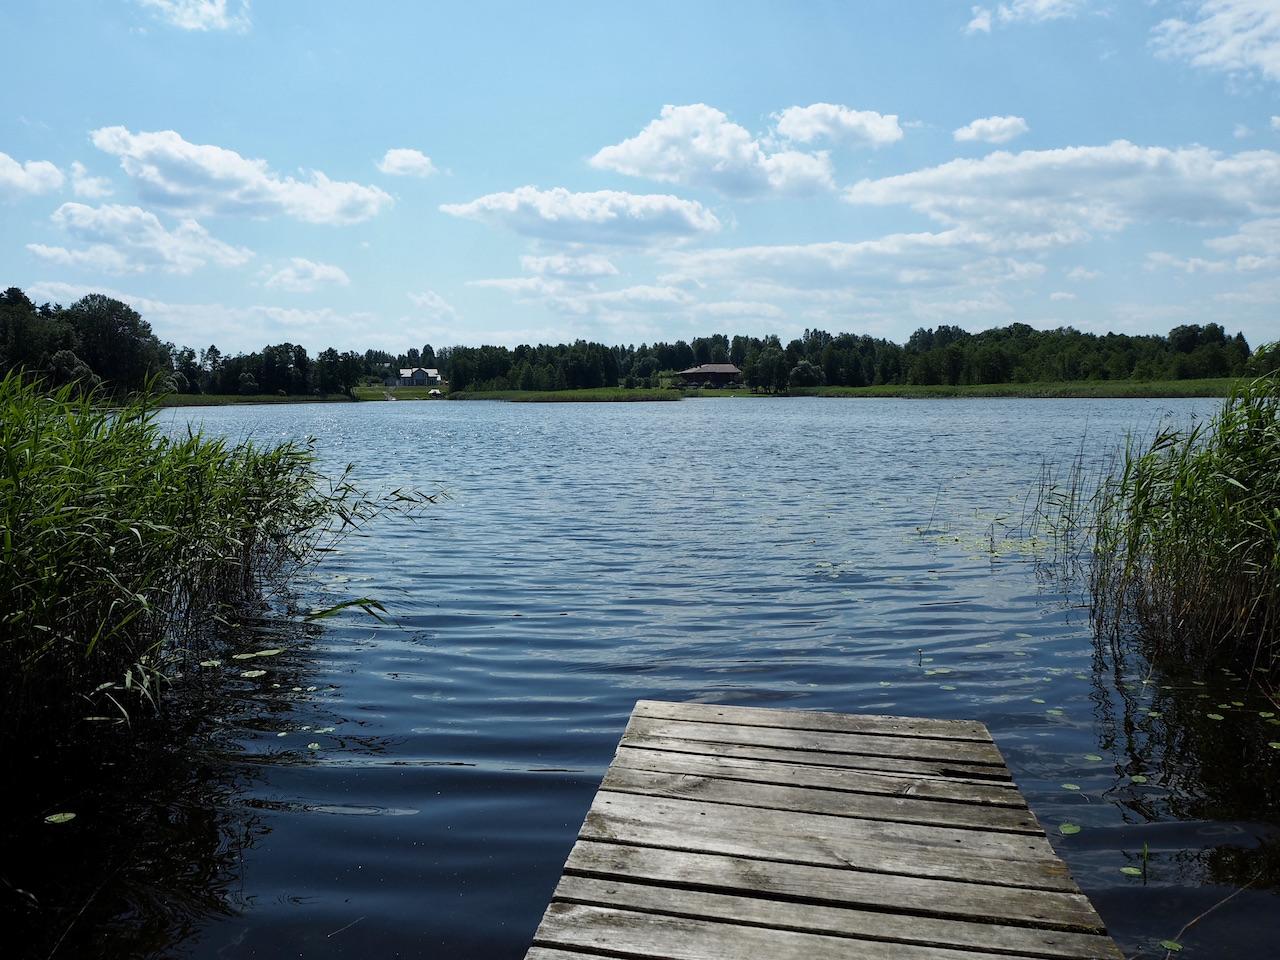 Pikeliškių dvaras Žalesos ežeras